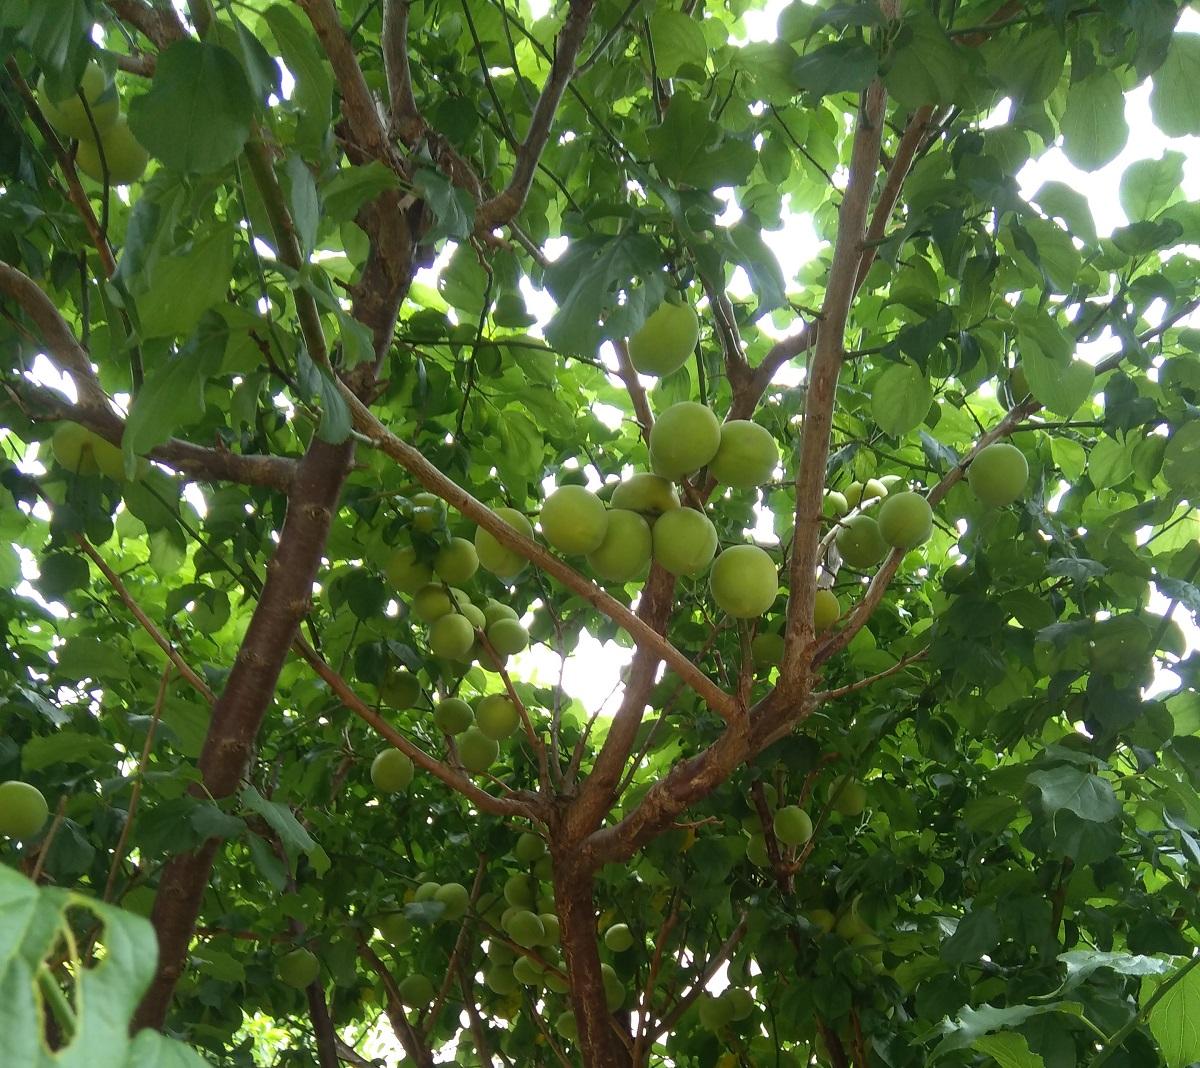 梅の木に梅がなっている画像